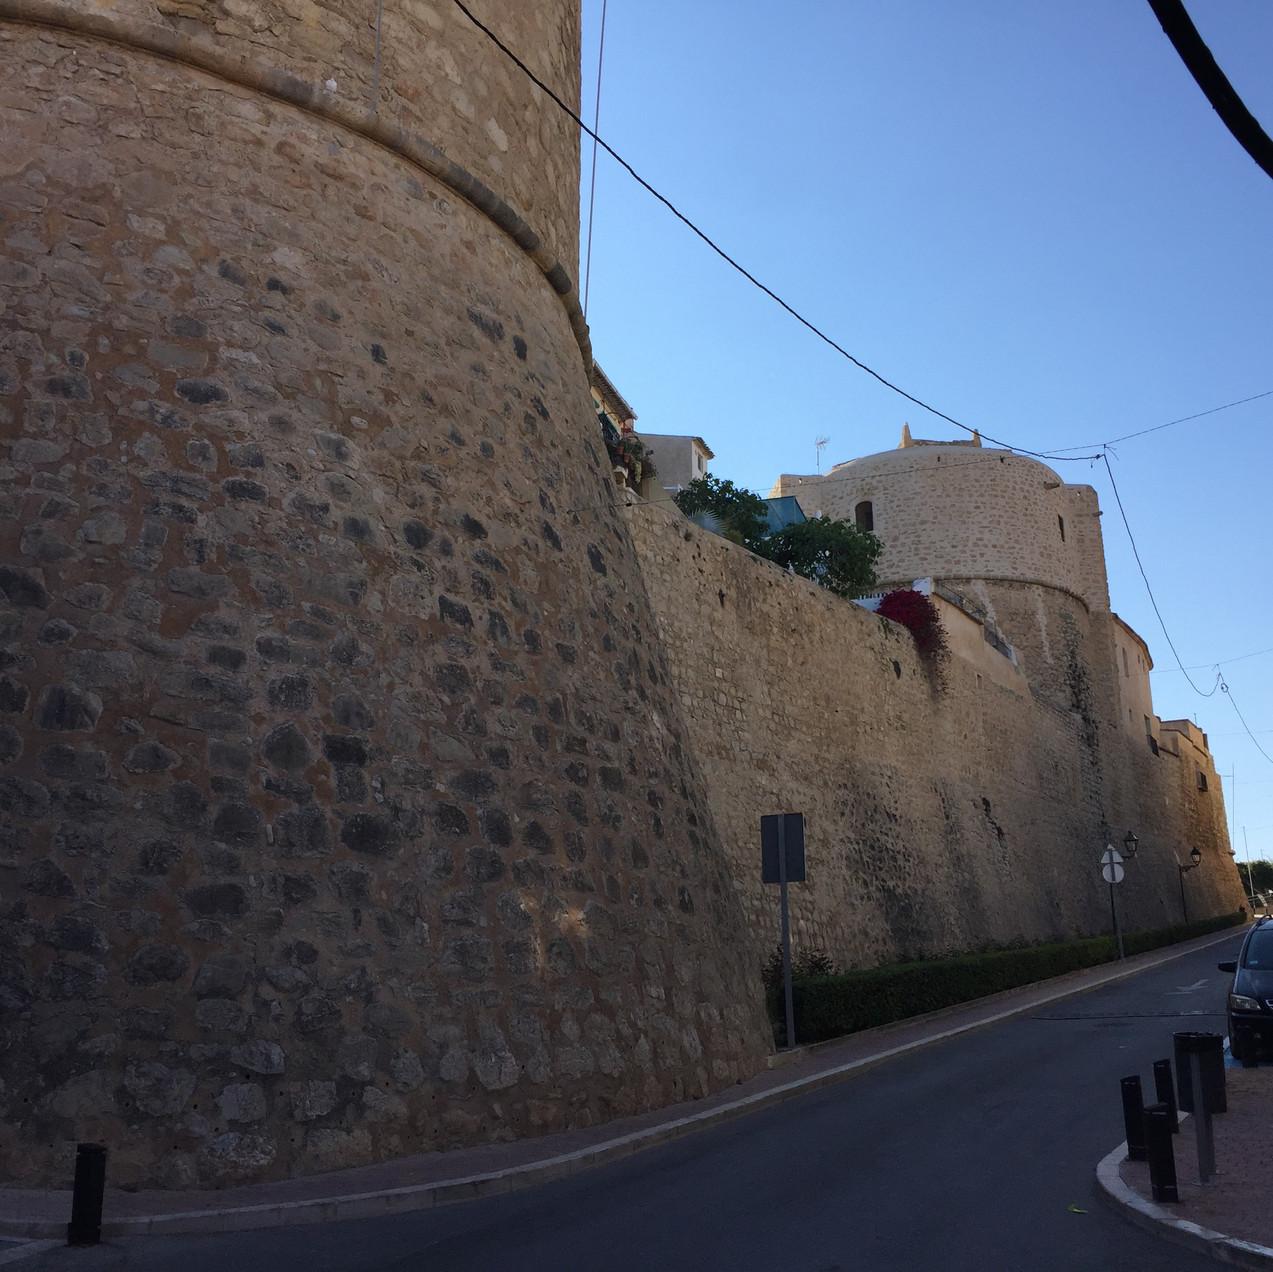 Town walls in Carrer Costera del Mar